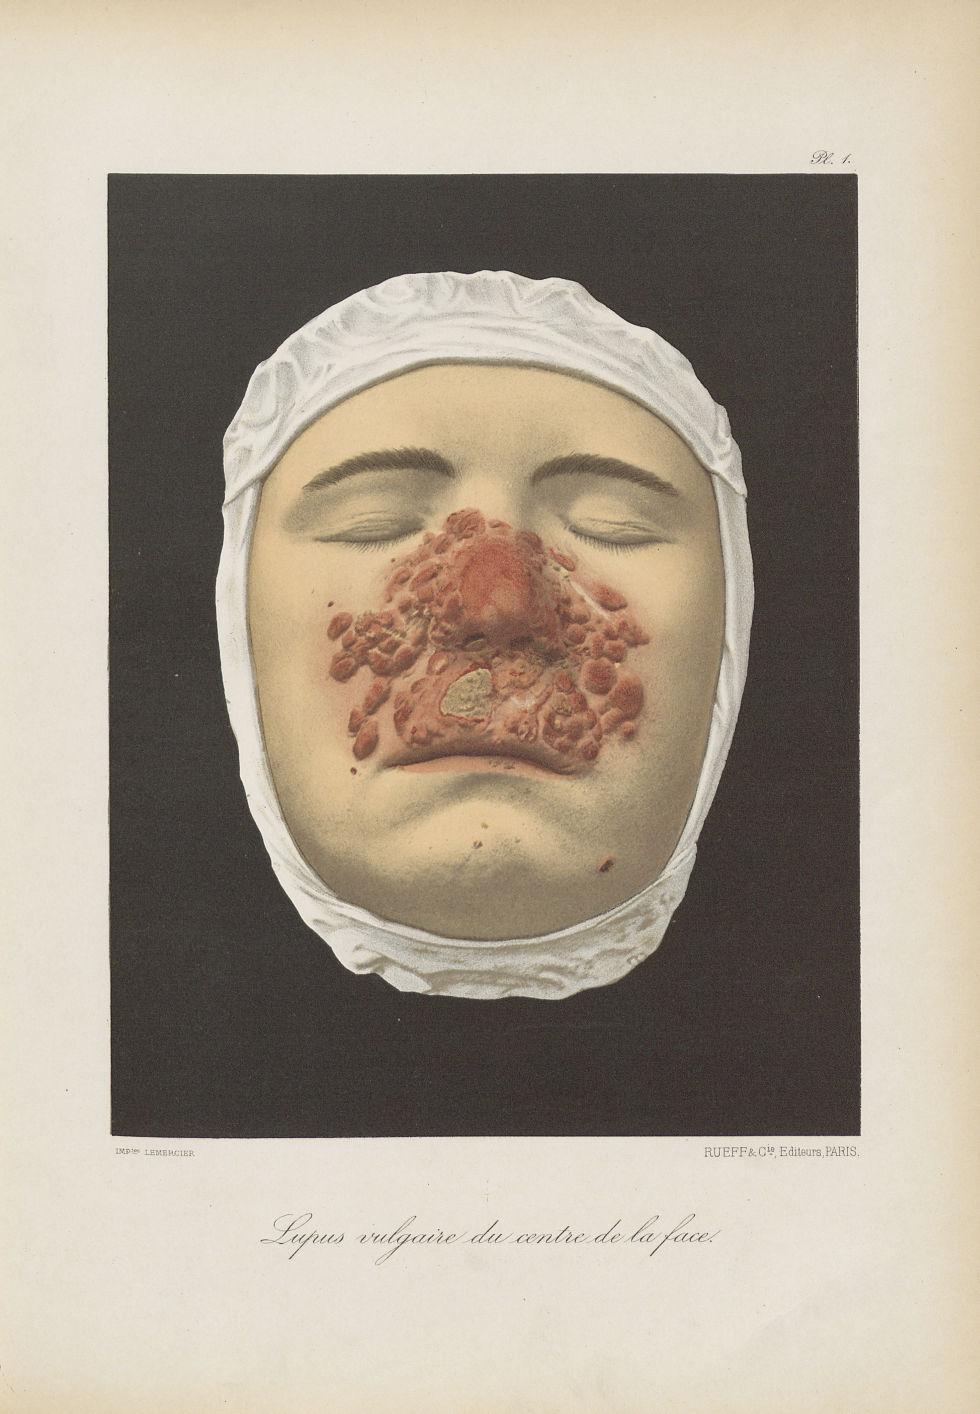 Lupus vulgaire du centre de la face - Le musée de l'hôpital Saint-Louis : iconographie des maladies  [...] - Dermatologie (peau). Visages (têtes). 19e siècle (France) - med01740x0011